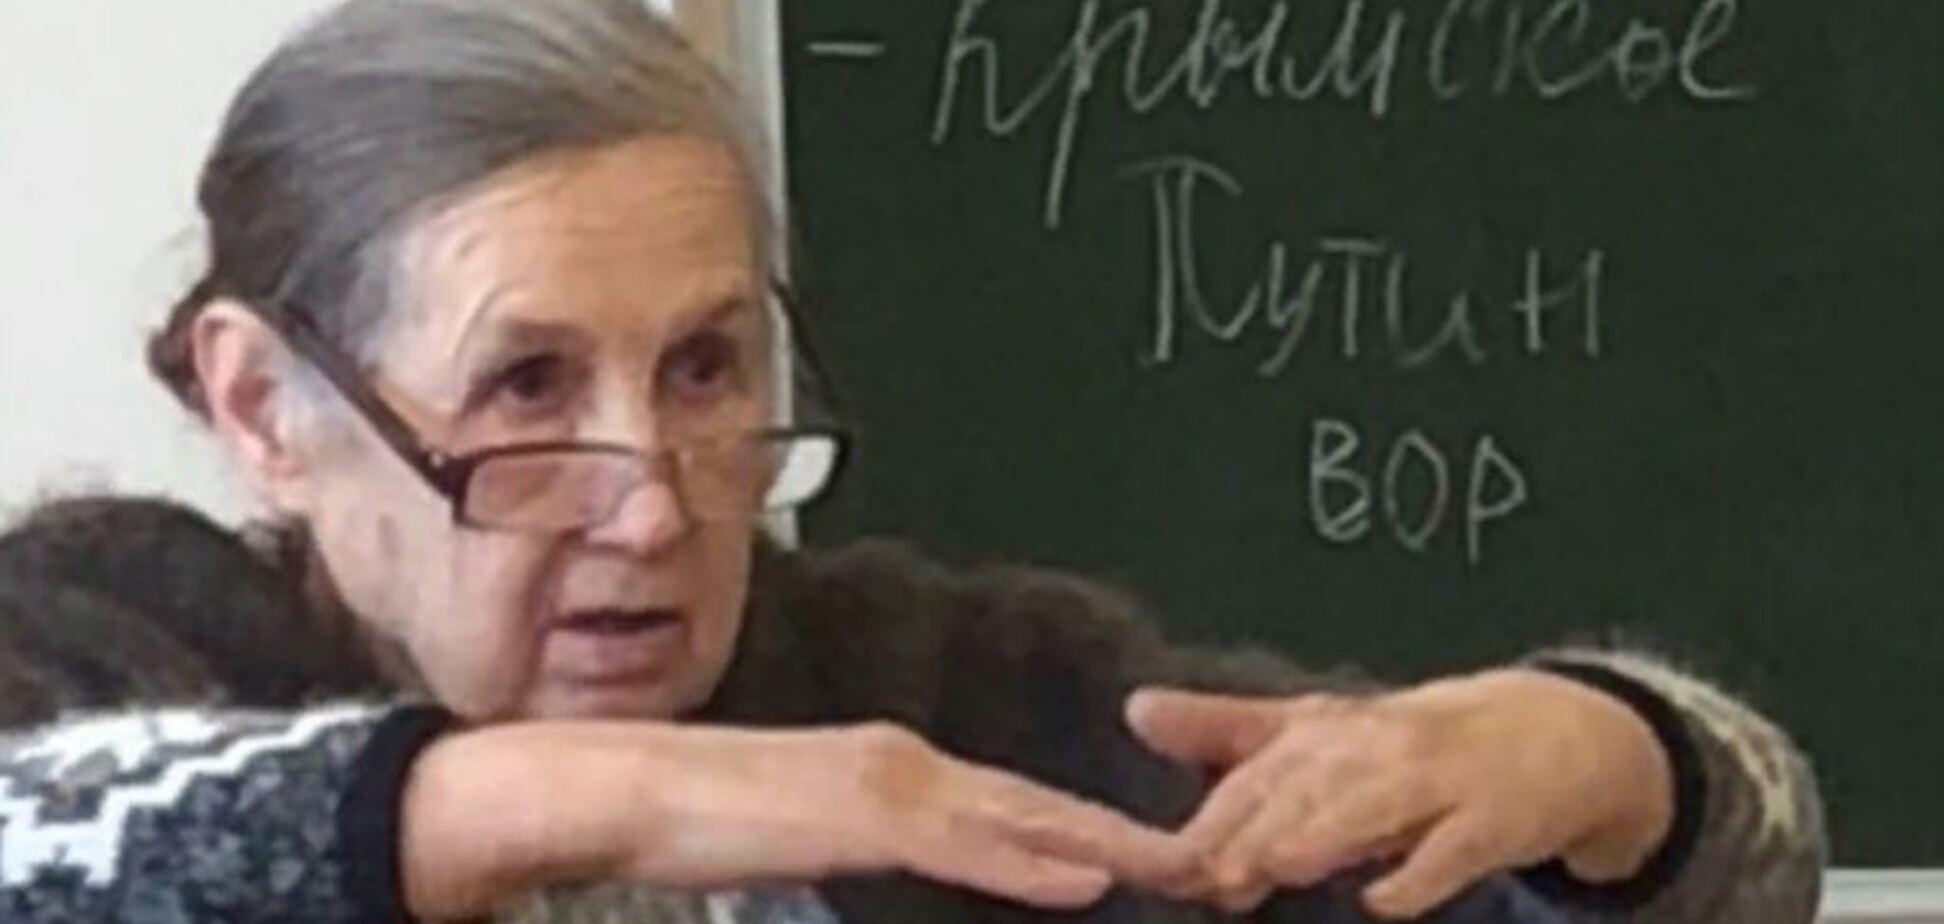 ''Вилетять і розберуться'': школярів у Россії залякали розстрілом за образу Путіна